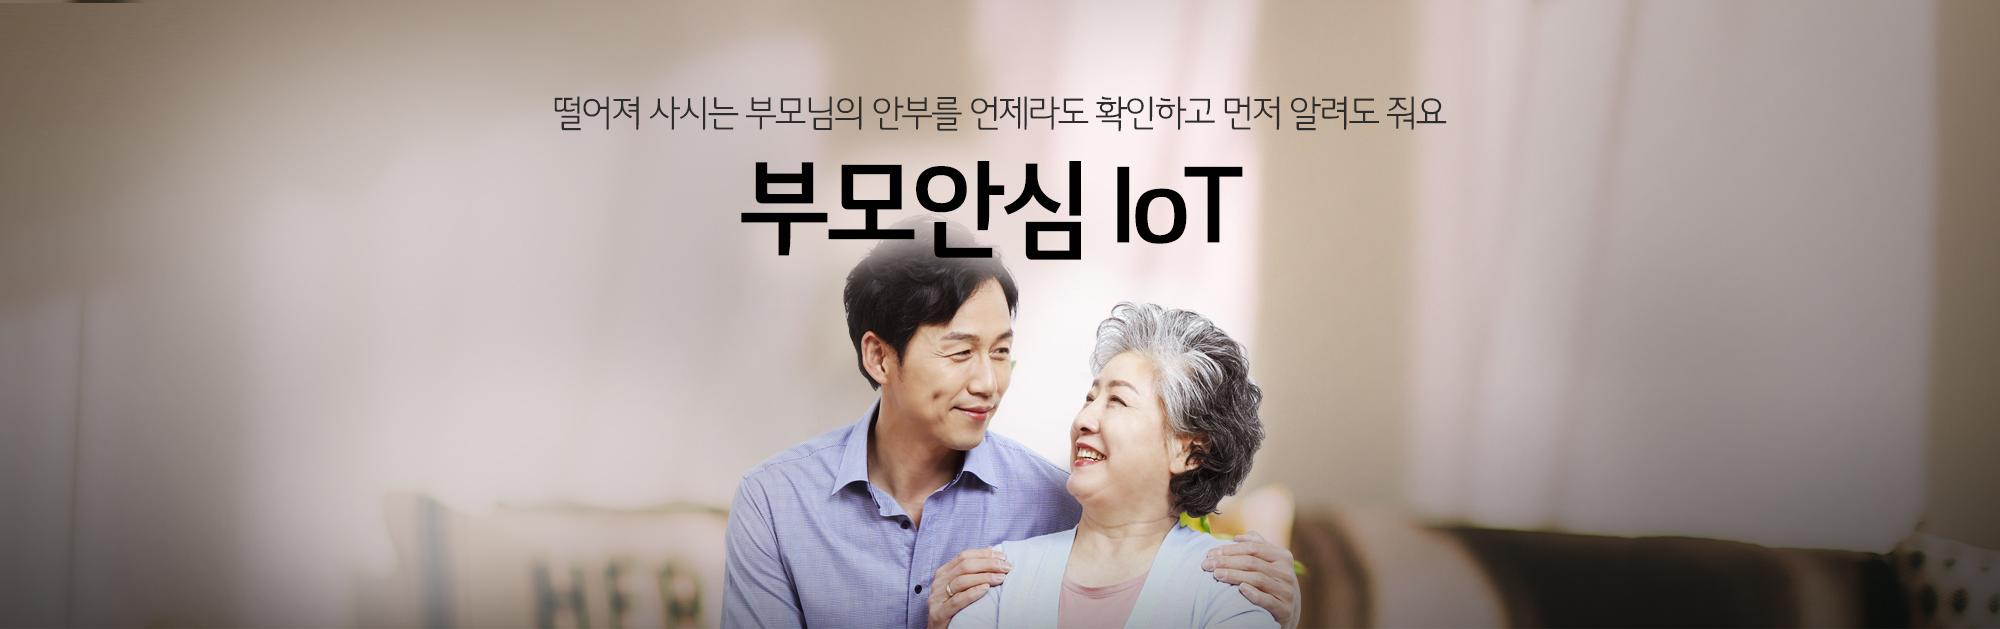 부모안심 IoT